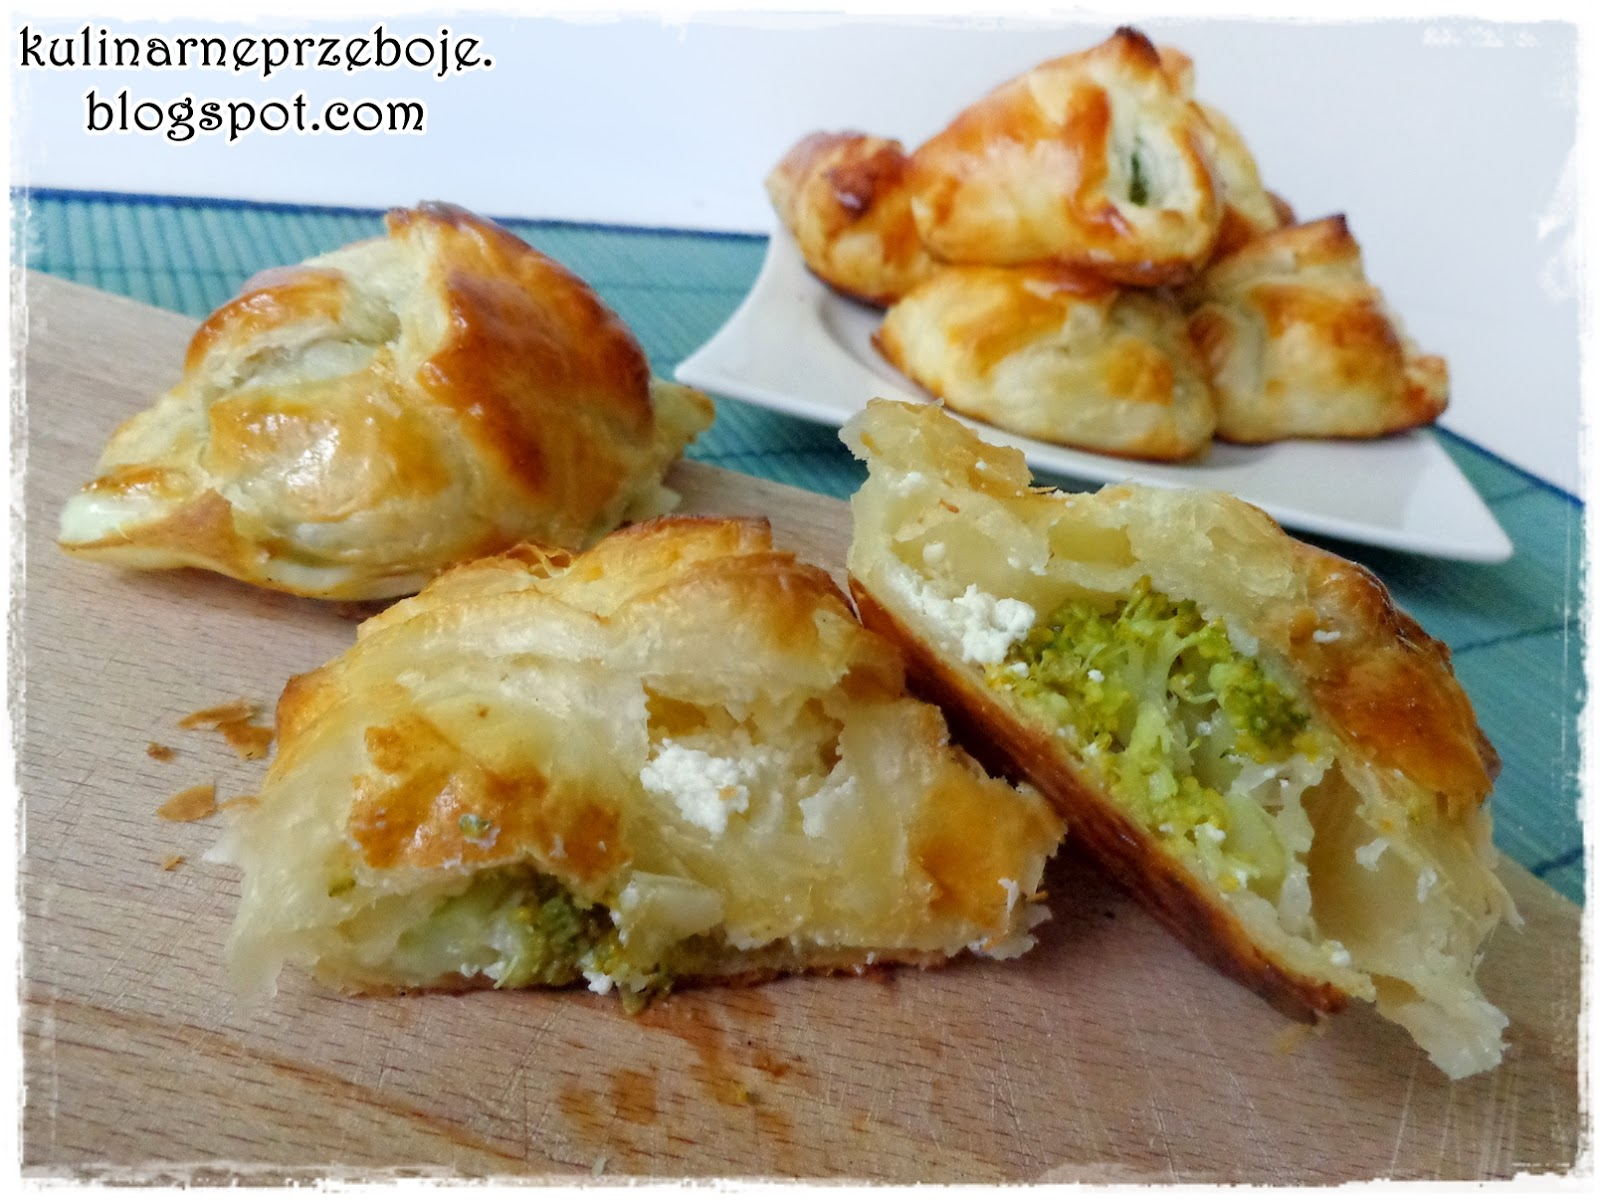 Kieszonki francuskie z brokułami i fetą